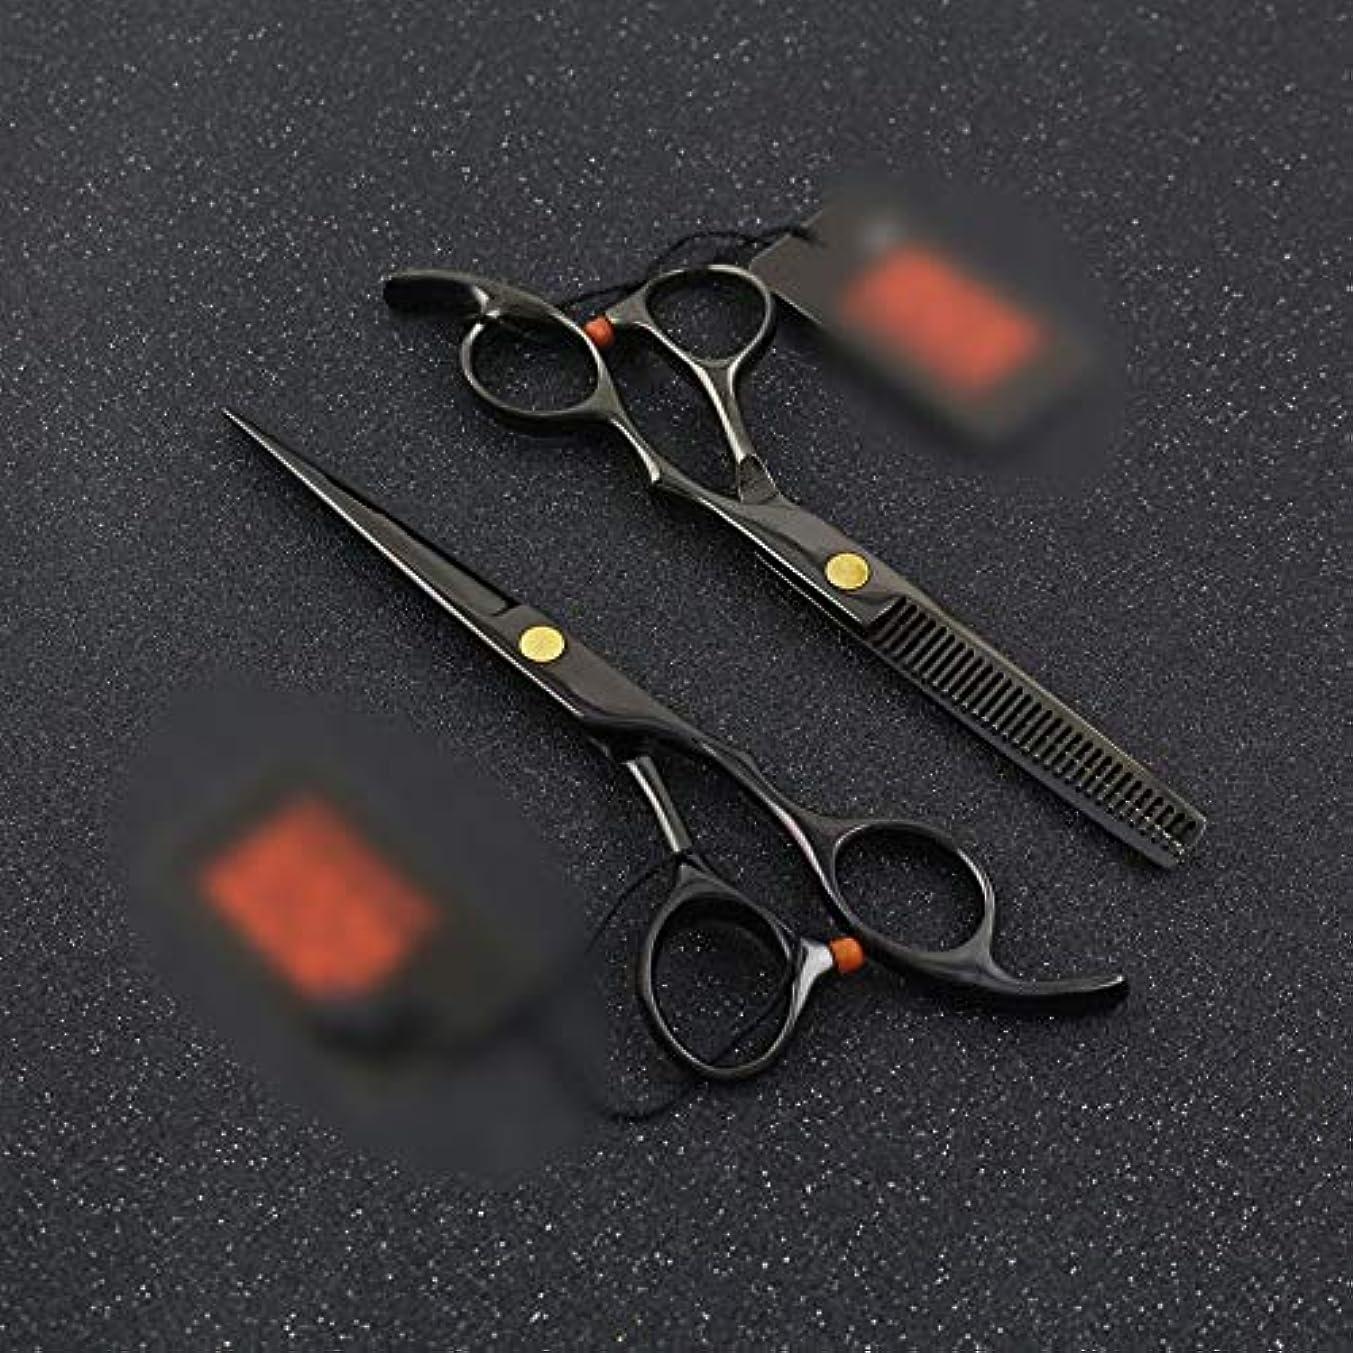 トラックビタミン倍率Hairdressing 6.0インチ黒はさみ、フラットはさみ+歯せん断理髪はさみツールセットヘアカットはさみステンレス理髪はさみ (色 : 黒)